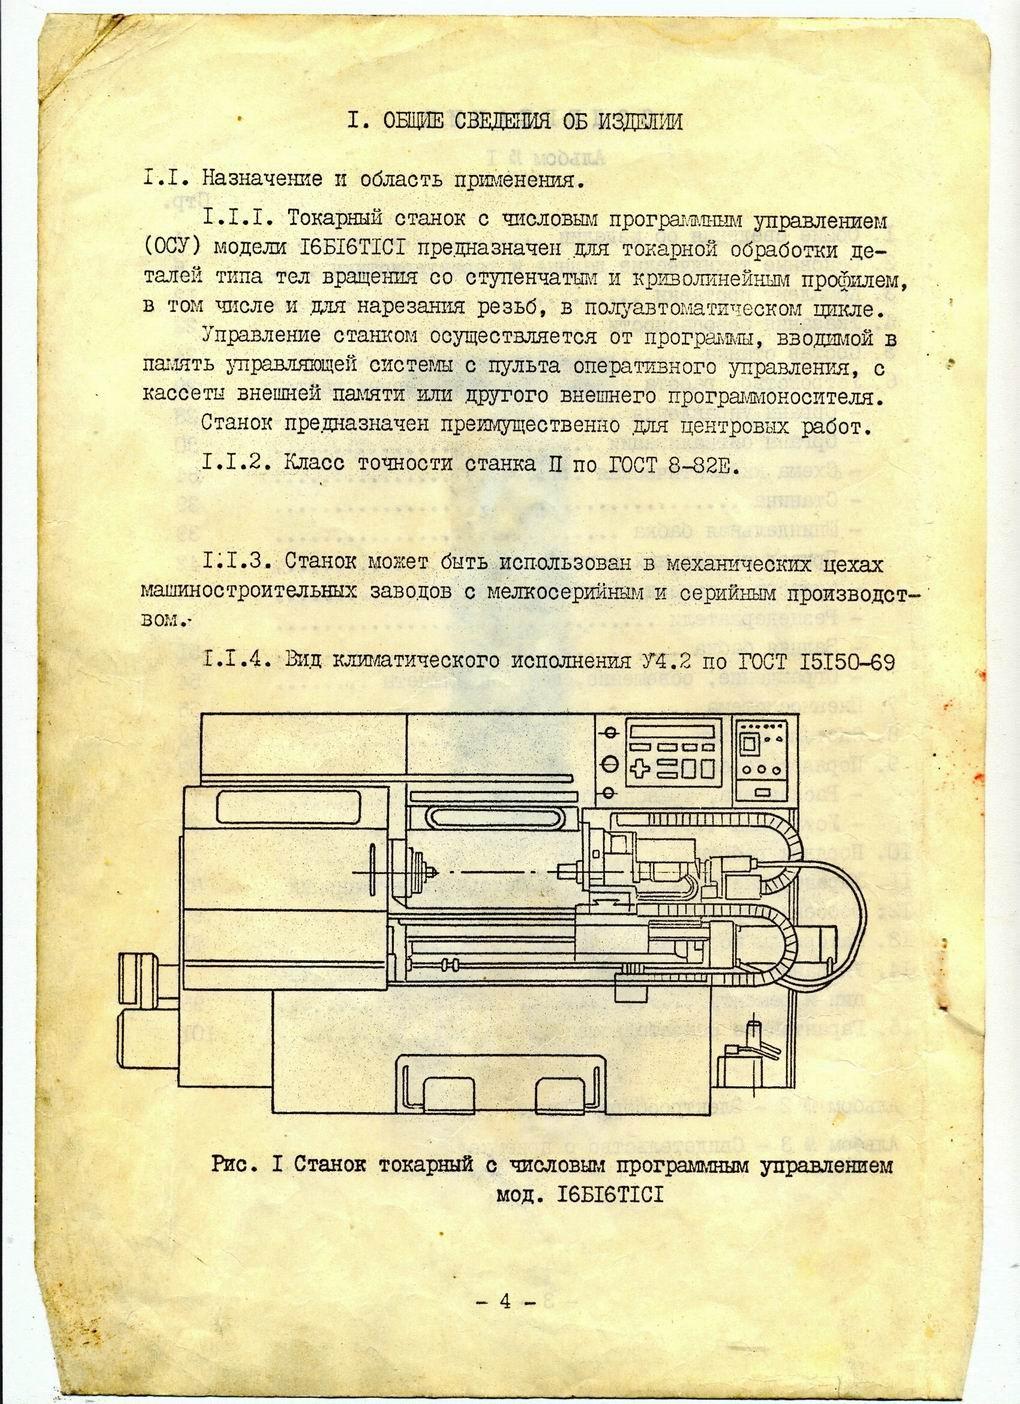 Схема карусельного станка 1л532